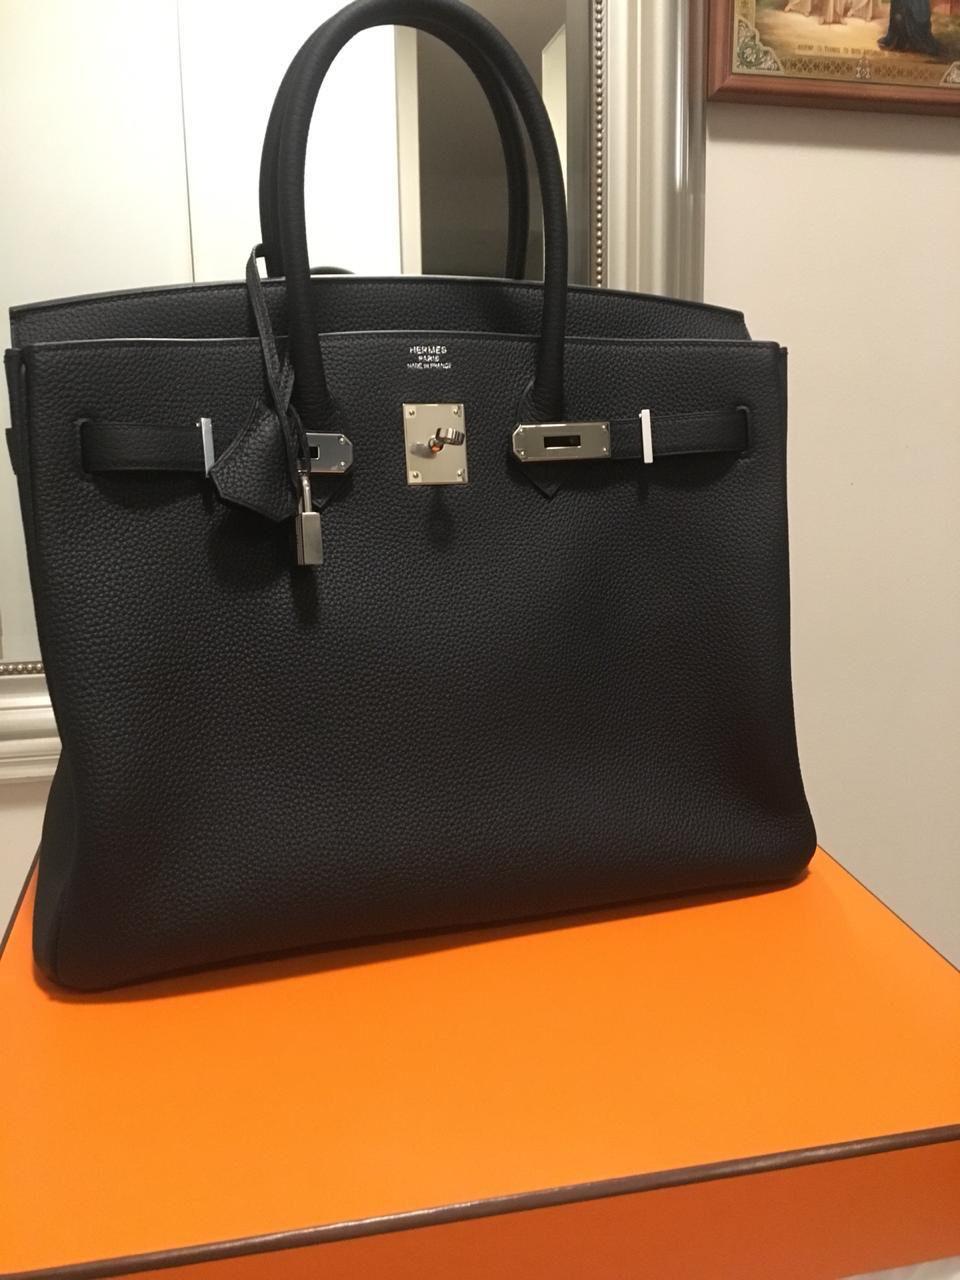 1b382b428148 Hermès Birkin 35 Noir (Black) Togo Palladium Hardware PHW C Stamp 2018   birkin35